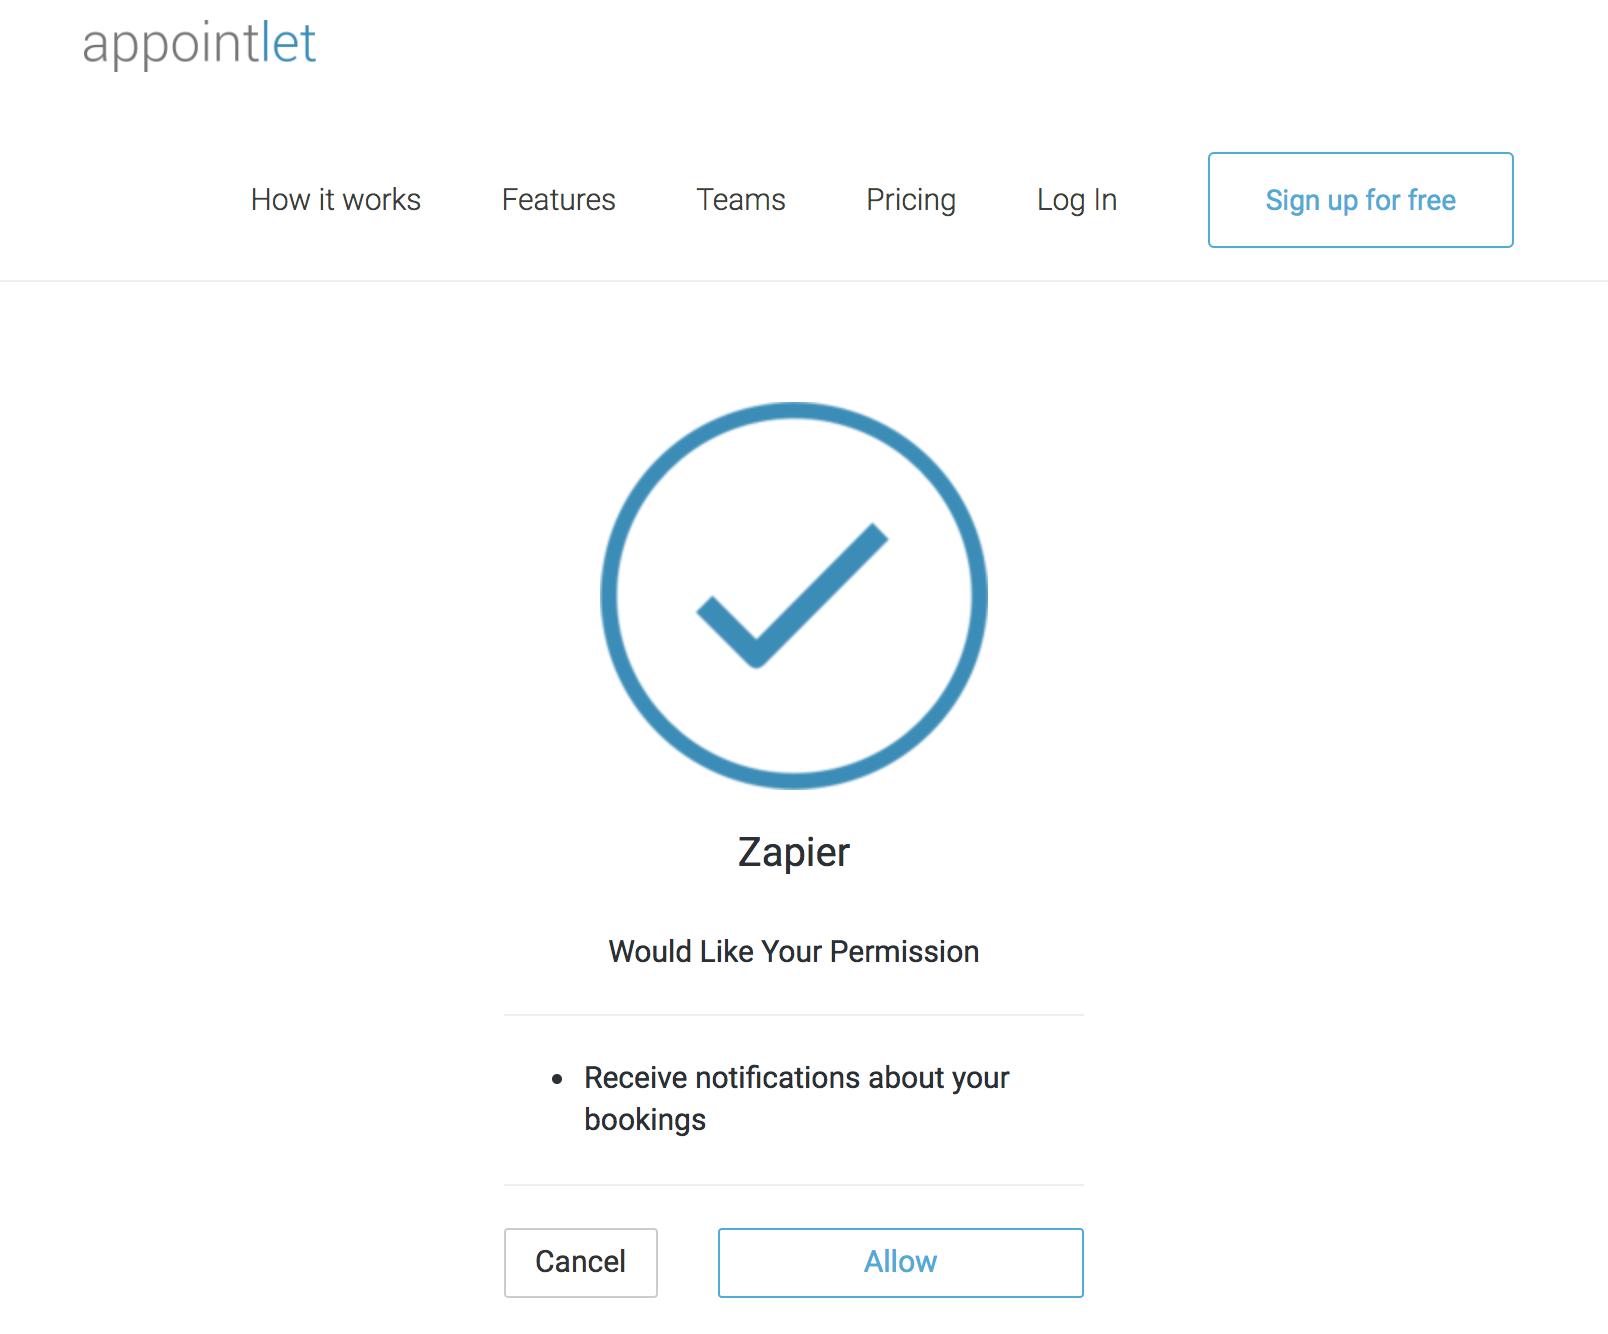 Appointlet Zapier Permissions